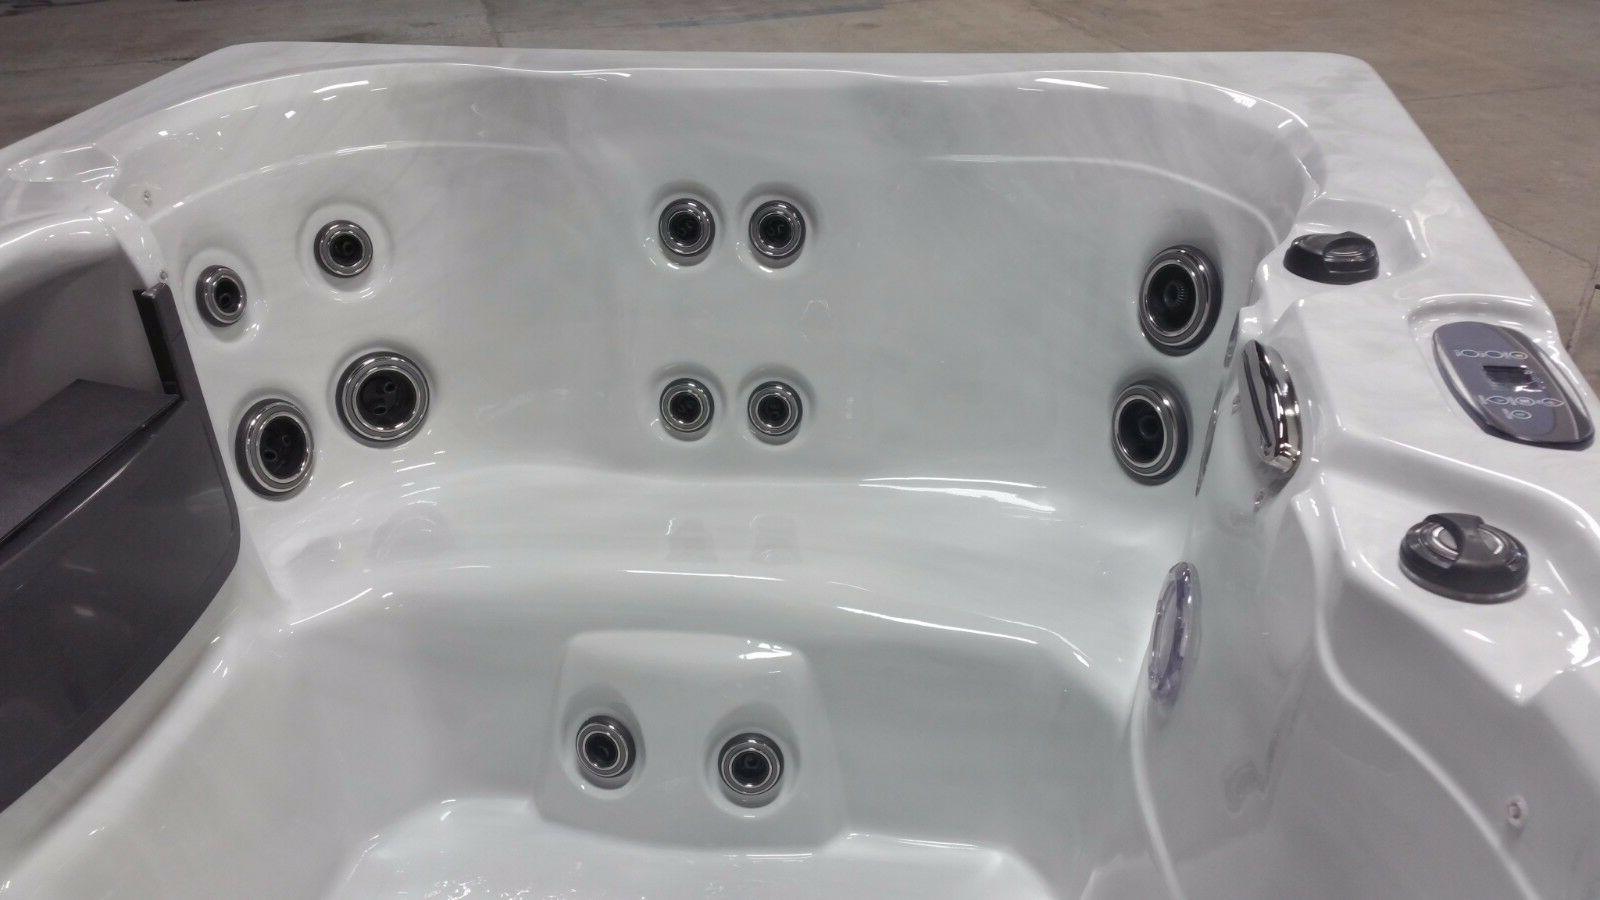 5 Person Whirlpool Spa Tub 23 LED